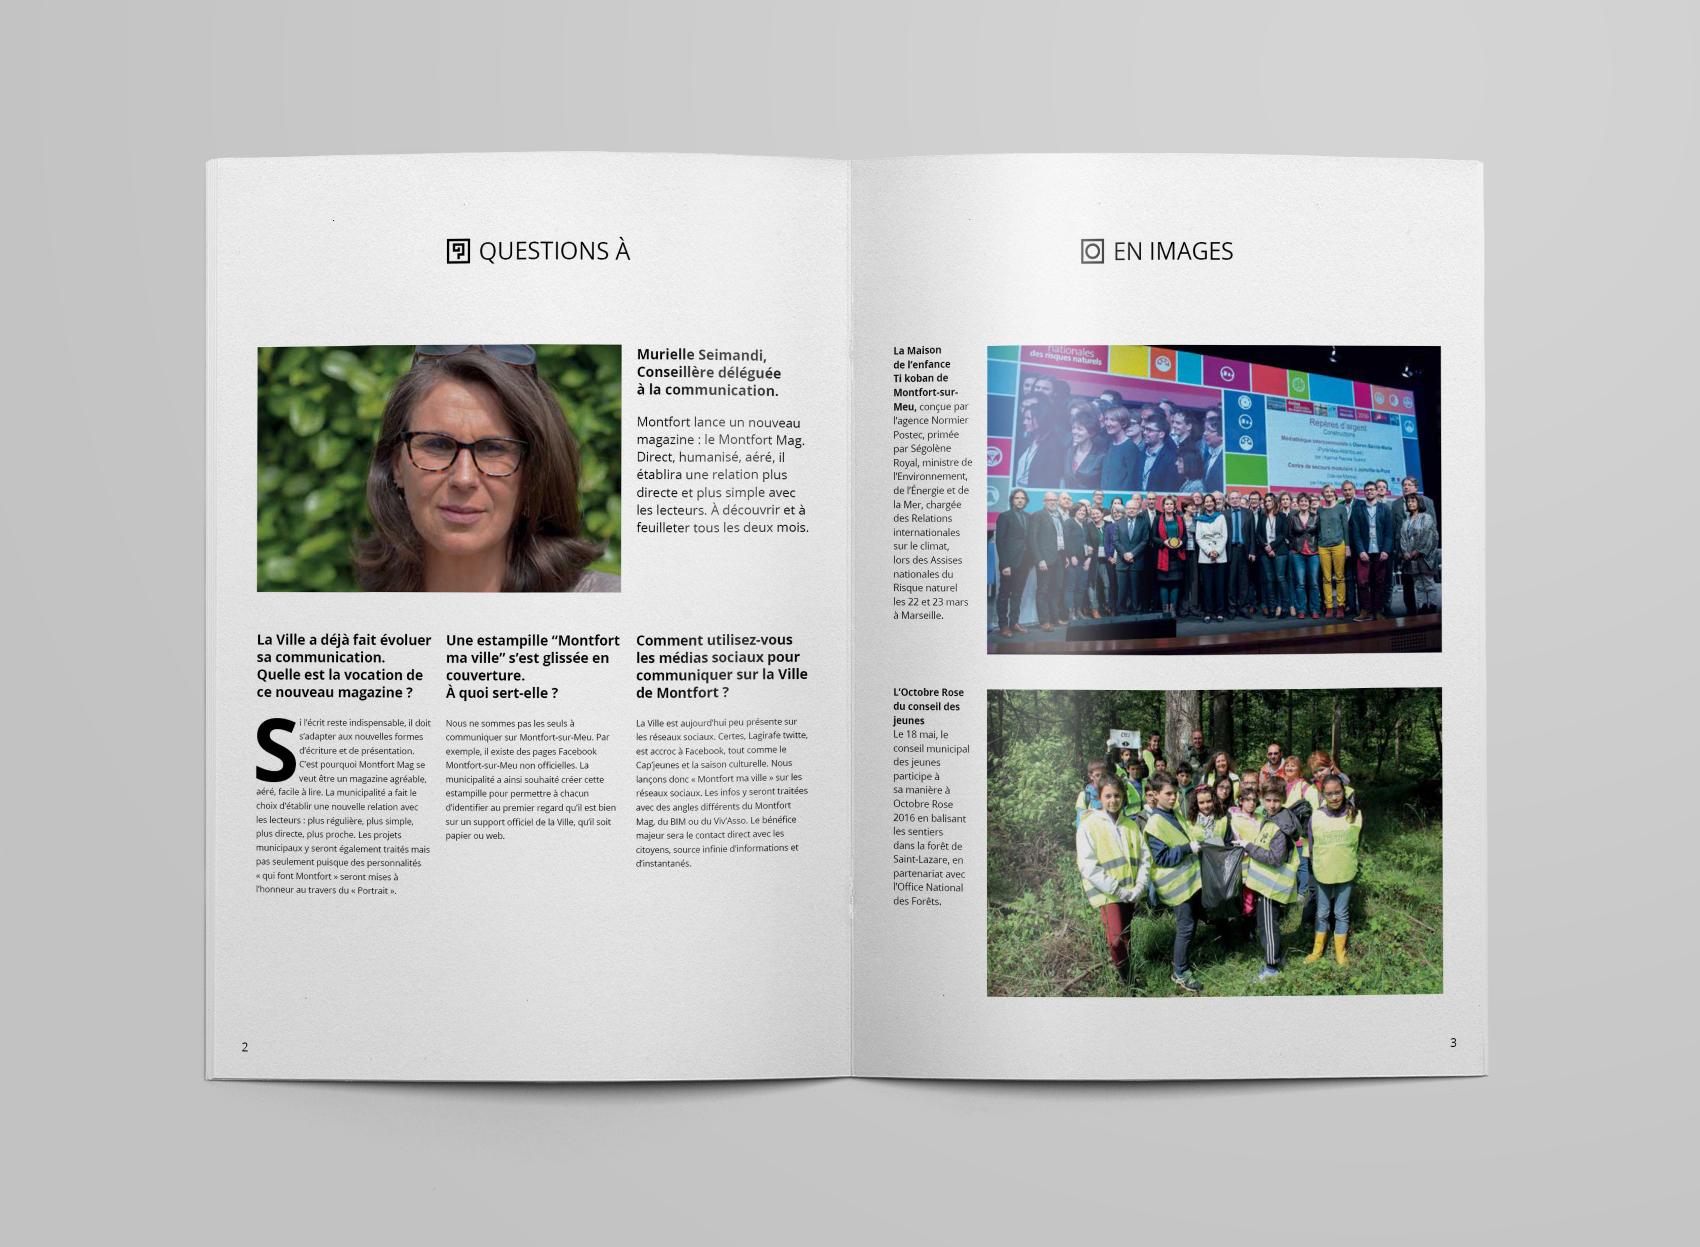 Les deux dernières sections du magazine de la ville de montfort-sur-meu, avec images.